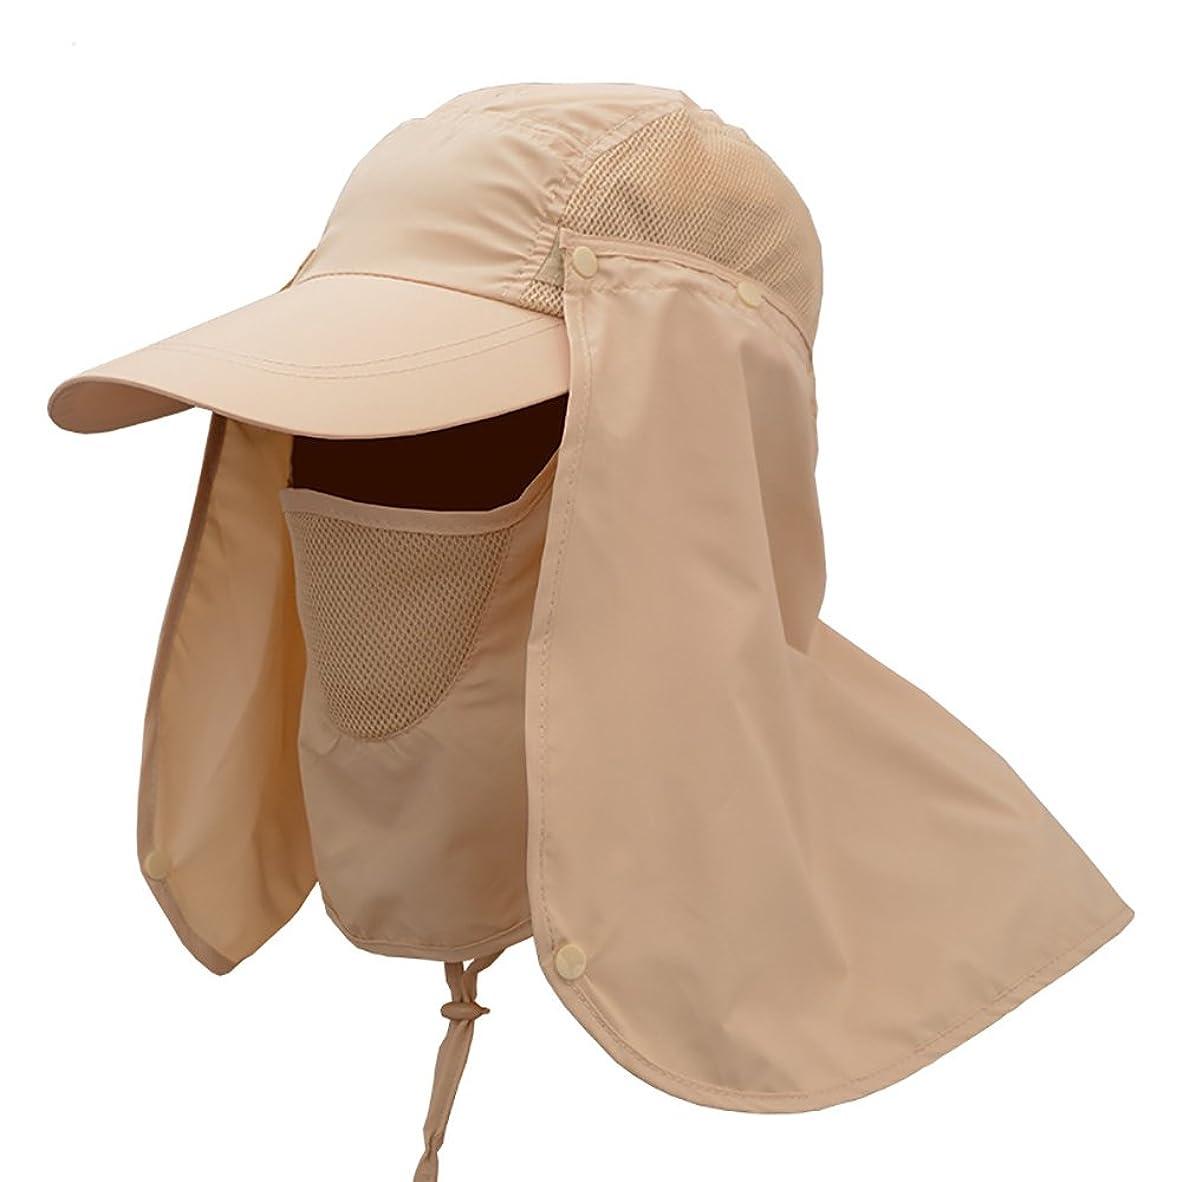 避けられないグリーンランド全部Xtextile 日よけ帽子 UVカット 紫外線対策 360°防御 脱着可能 3way アウトドア 農作業 ガーデニング 男女兼用